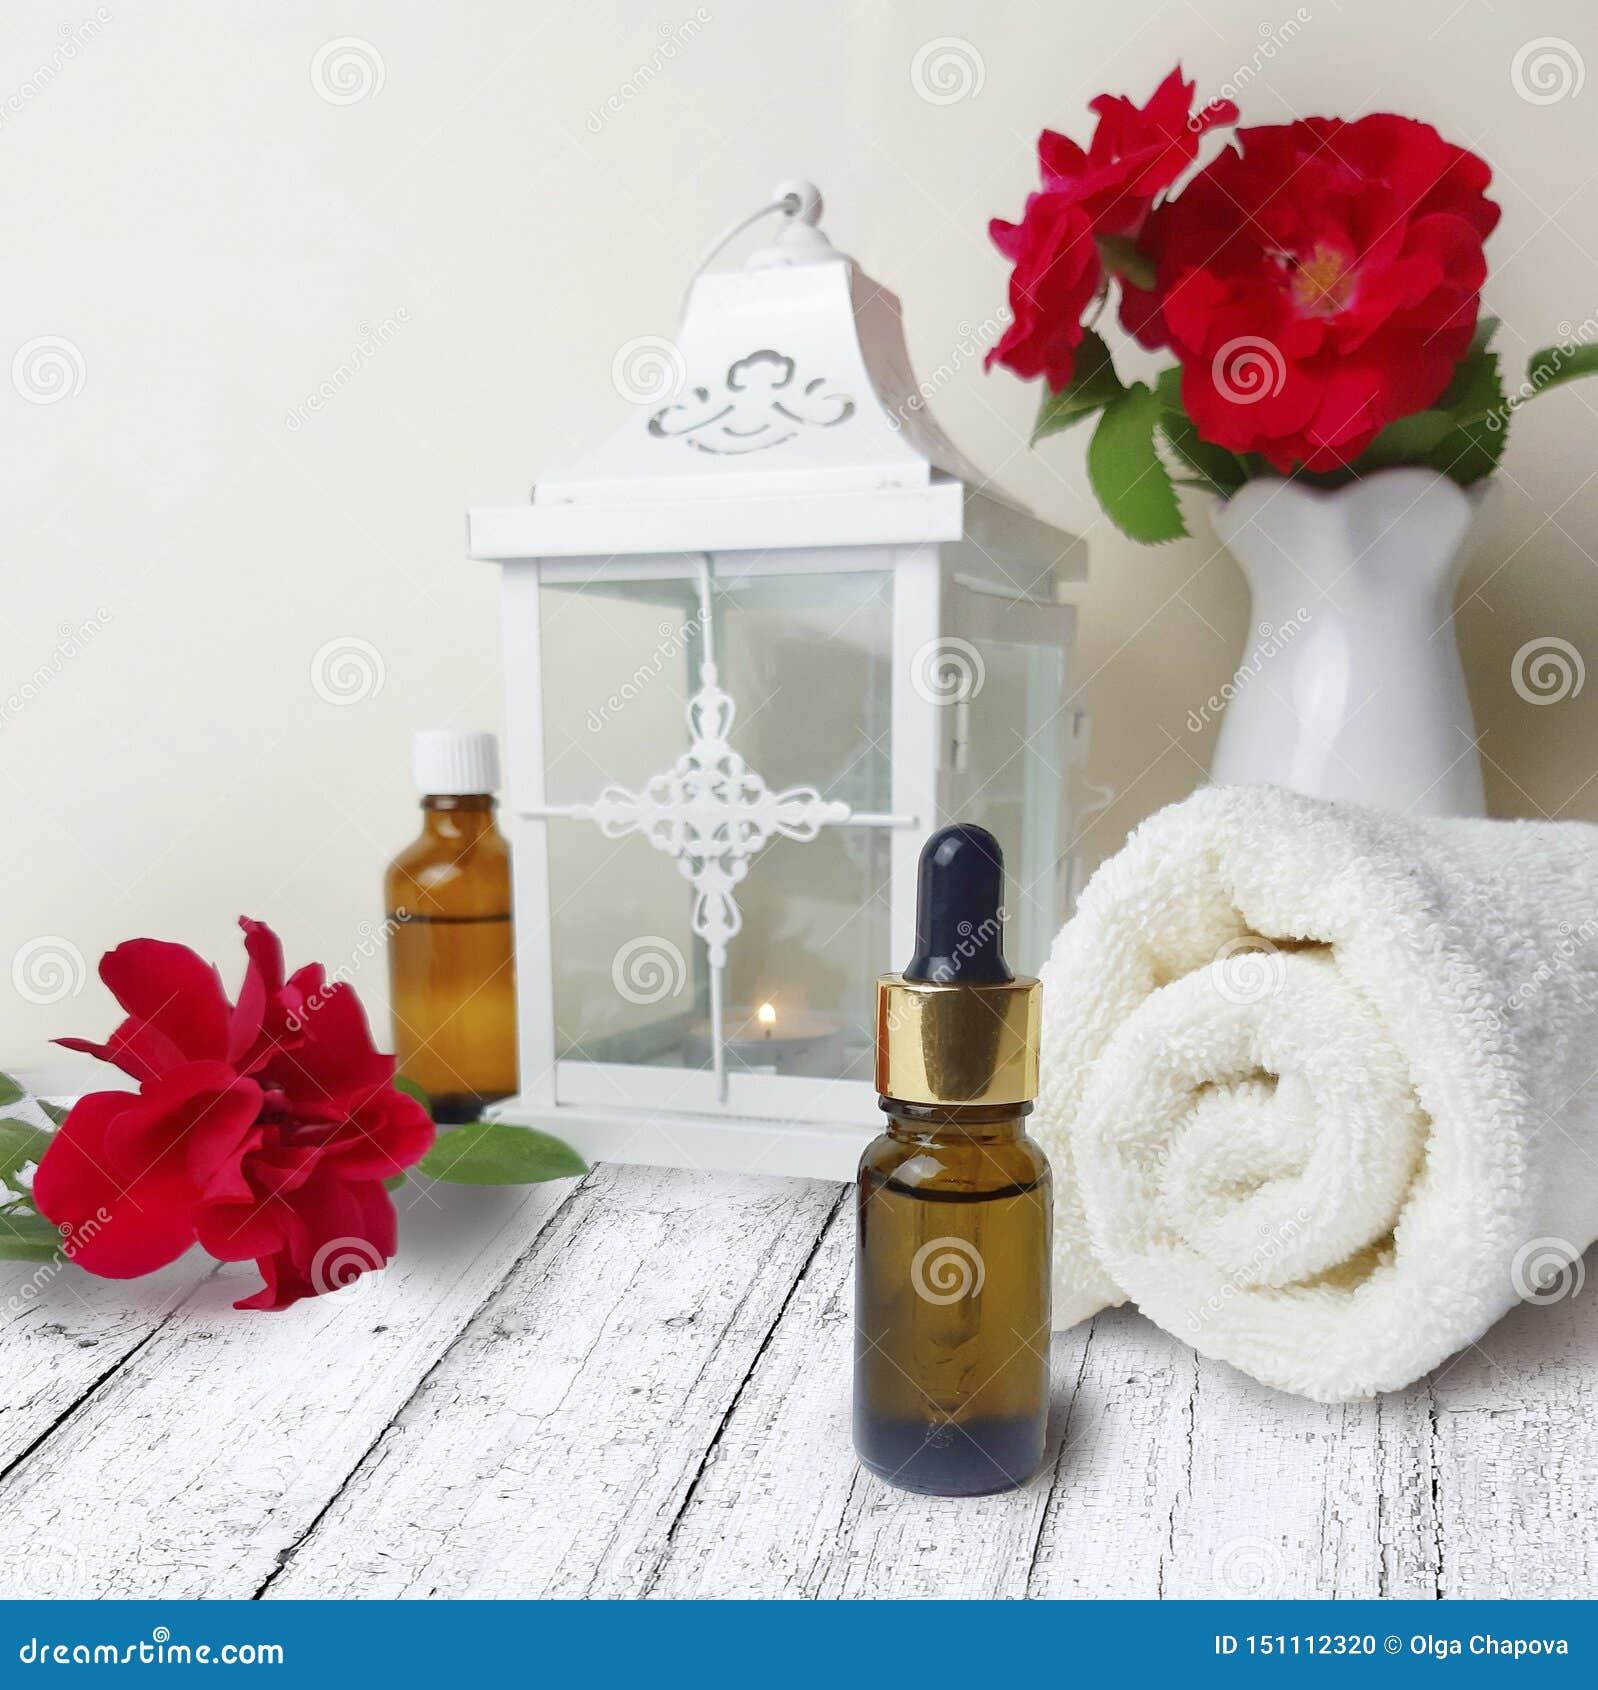 Rosor handduken, lyktan som är nödvändig oljer flaskan på trätabellen